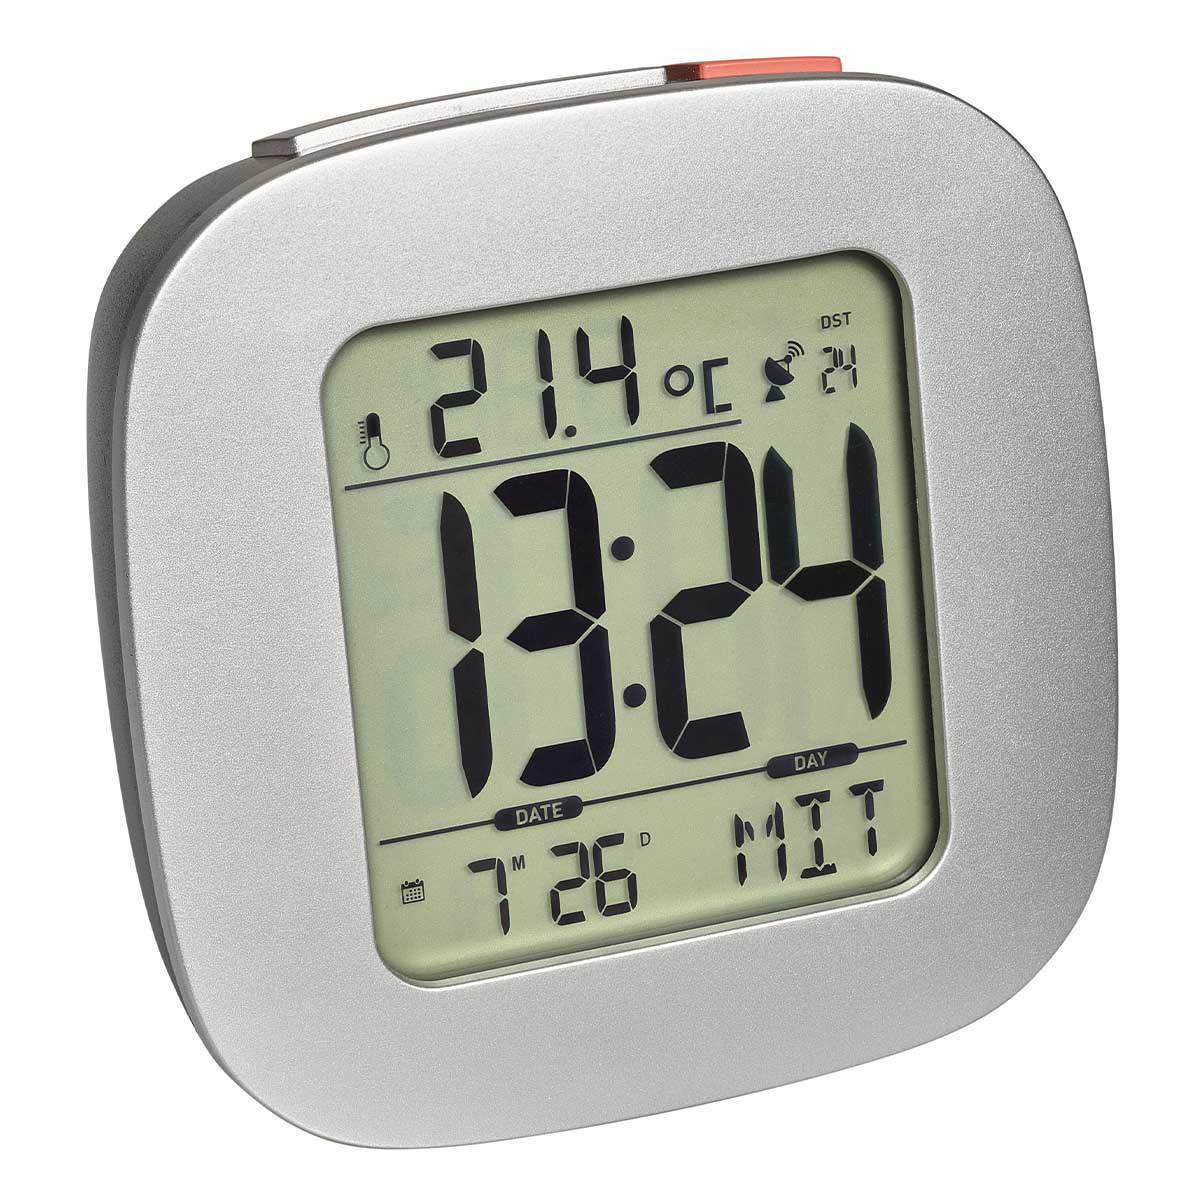 60-2542-54-digitaler-funk-wecker-mit-temperatur-1200x1200px.jpg